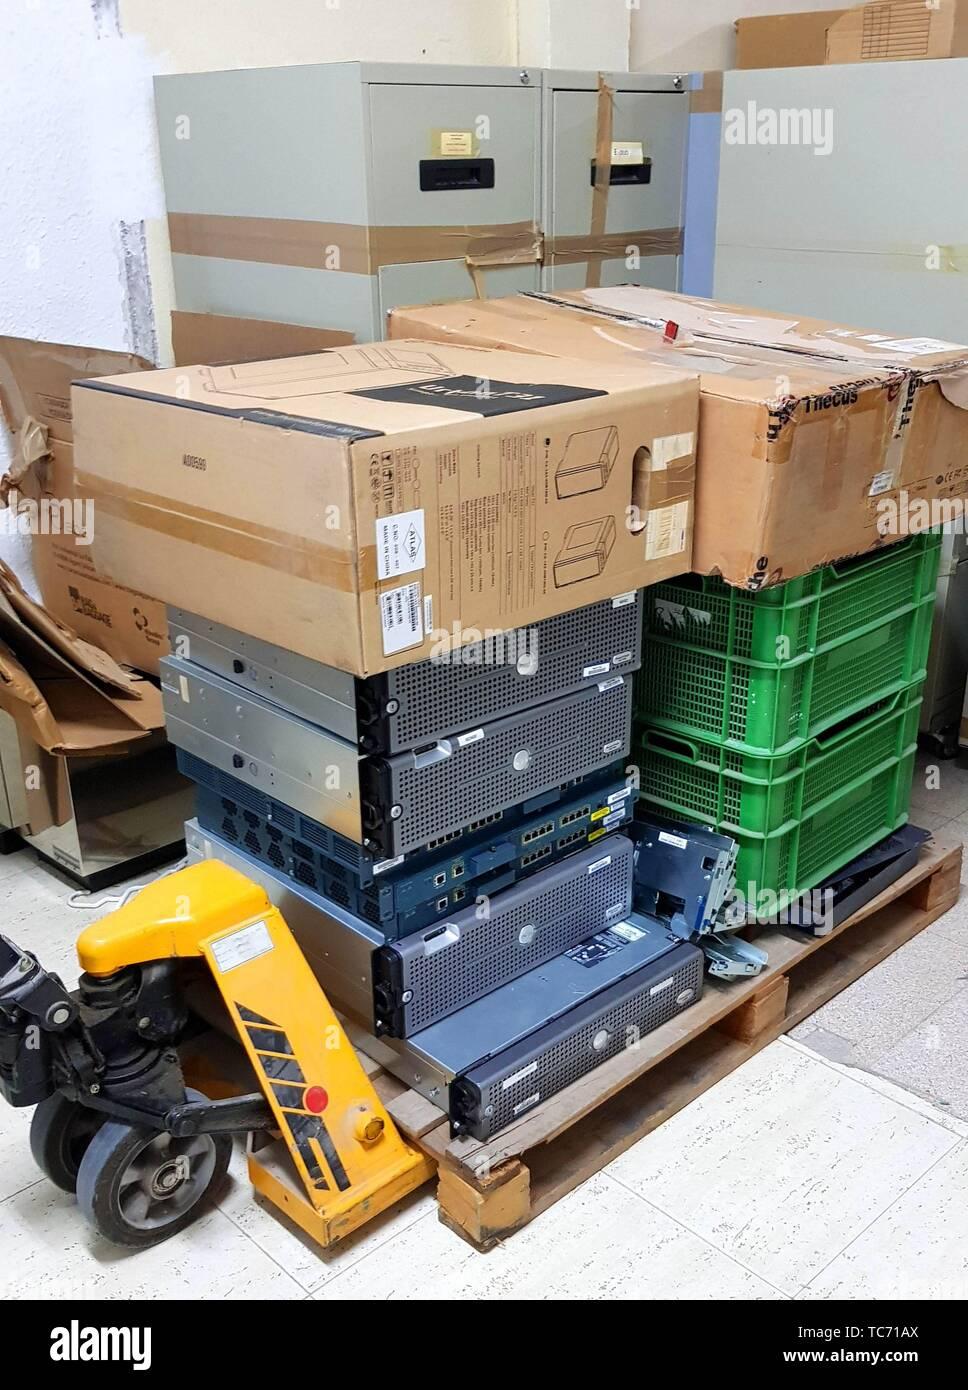 Matériel informatique obsolète prêt pour le recyclage. Banque D'Images